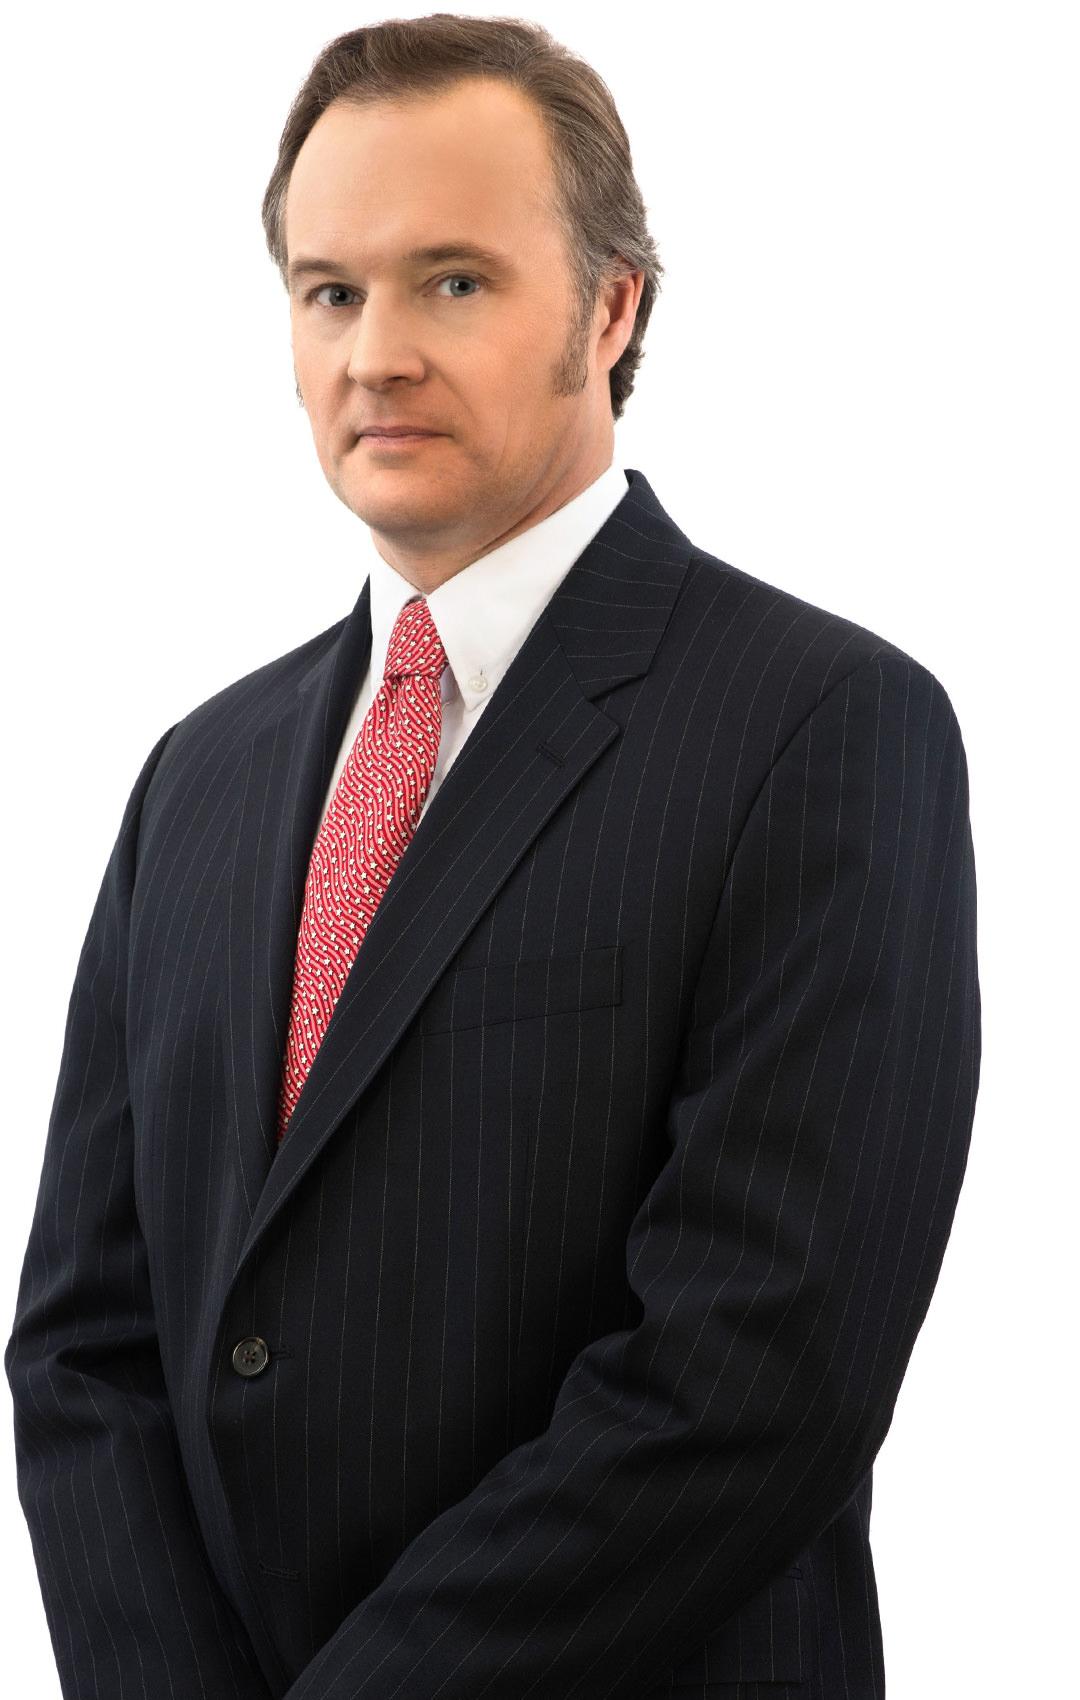 Joseph M. Donovan